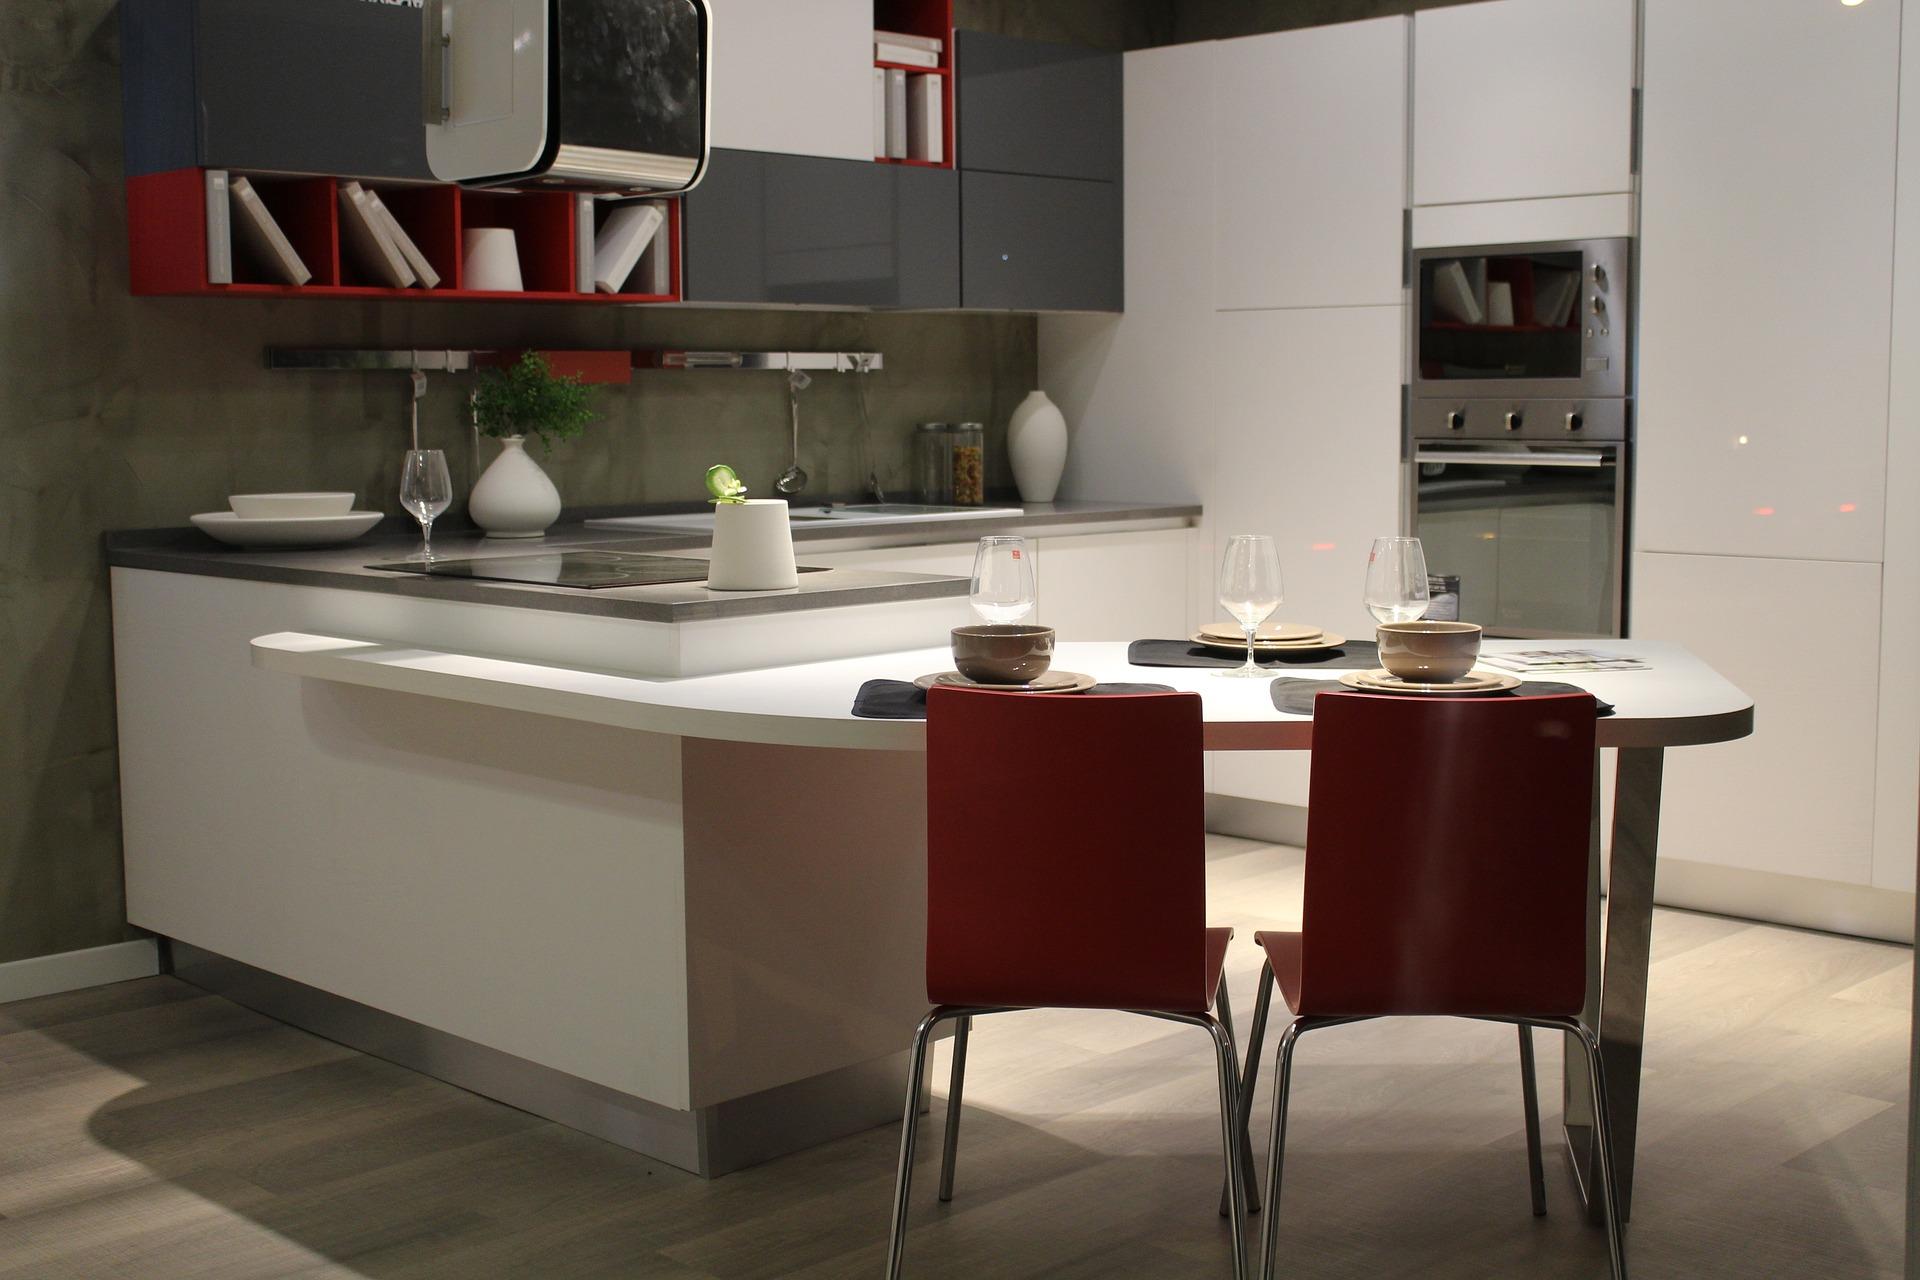 Come arredare casa moderna con pochi soldi idee e spunti for Consigli per arredare una casa moderna